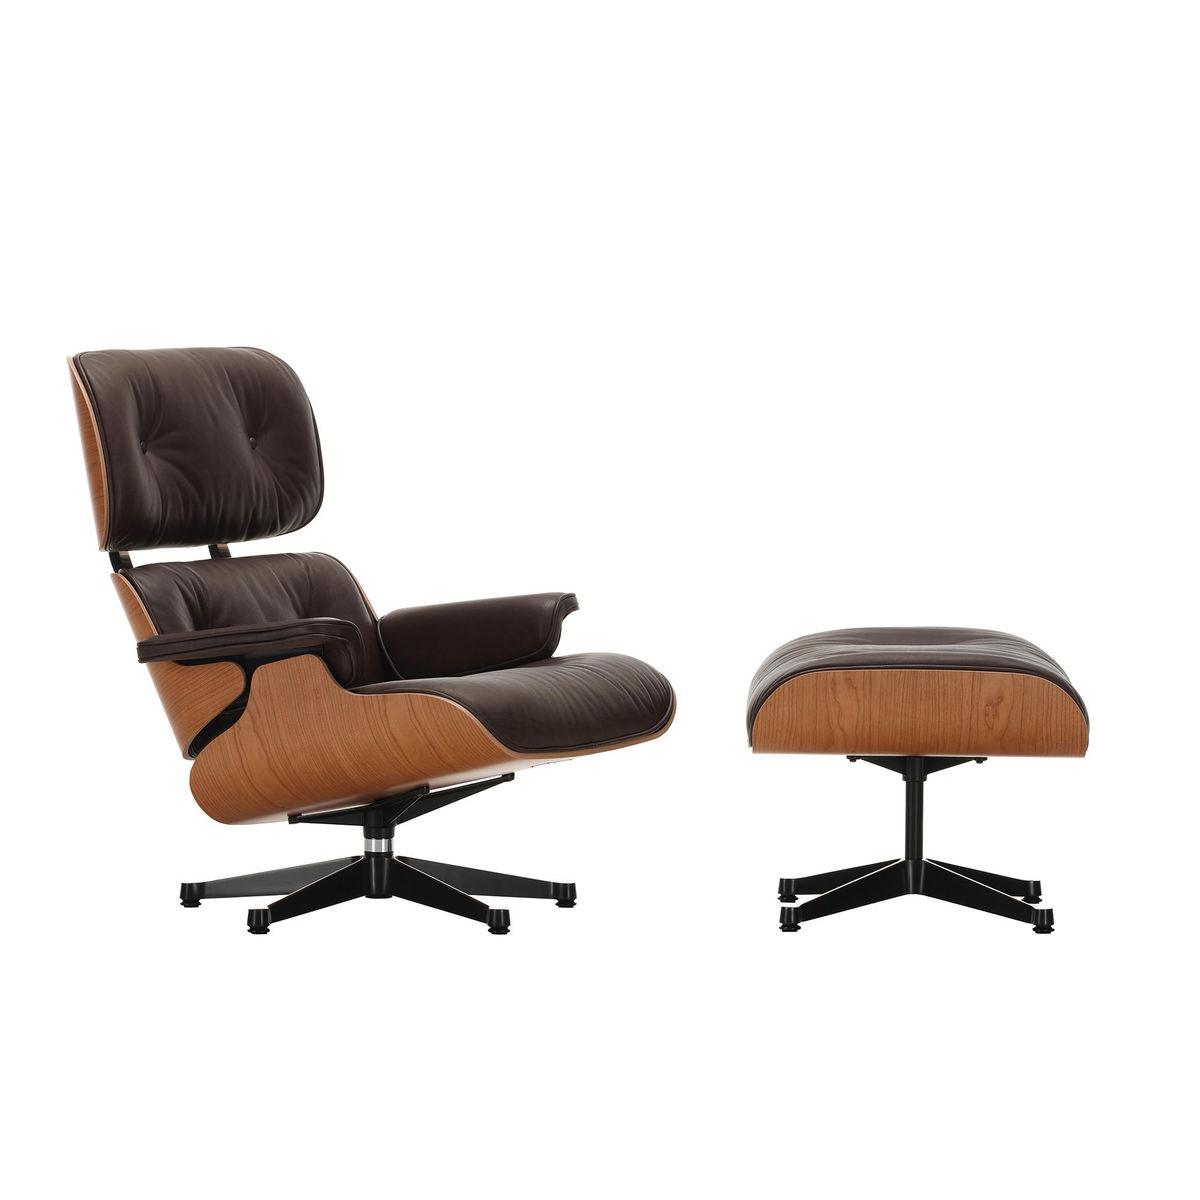 vitra eames lounge chair sessel ottoman leder natural chocolateschale amerikanischer kirschbaum - Bergroer Sessel Und Ottomane